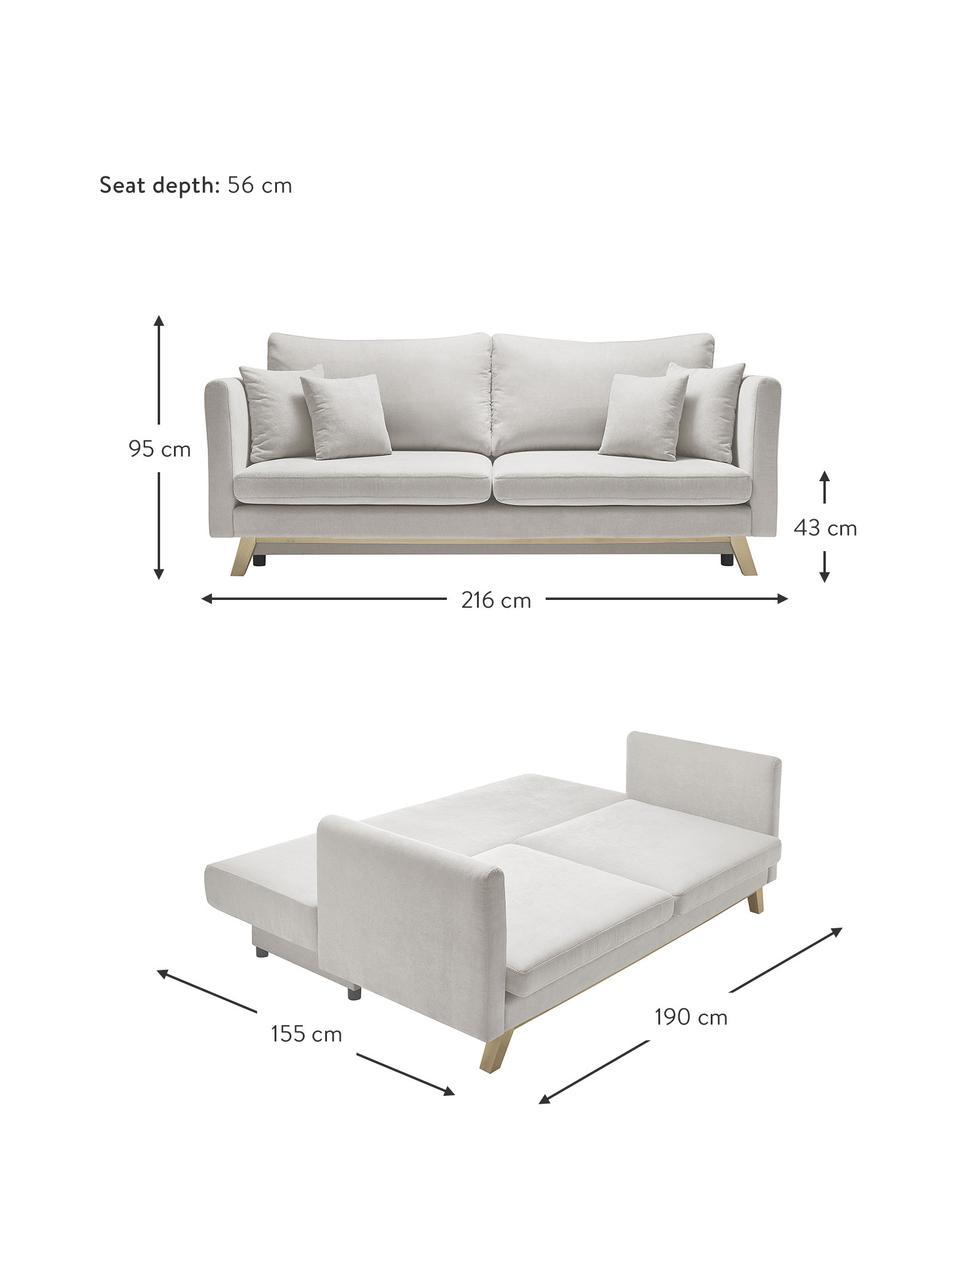 Sofa rozkładana z miejscem do przechowywania Triplo (3-osobowa), Tapicerka: 100% poliester, w dotyku , Nogi: metal lakierowany, Beżowy, S 216 x G 105 cm